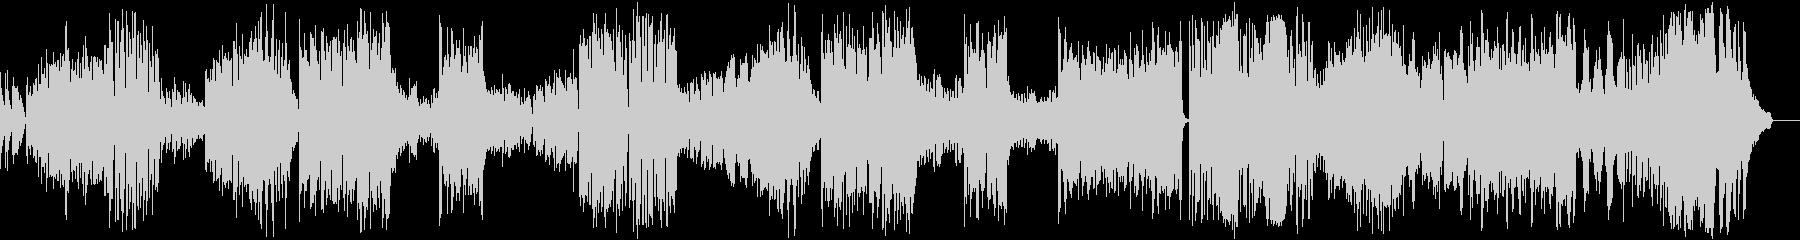 半音階的大ギャロップ/リストの未再生の波形